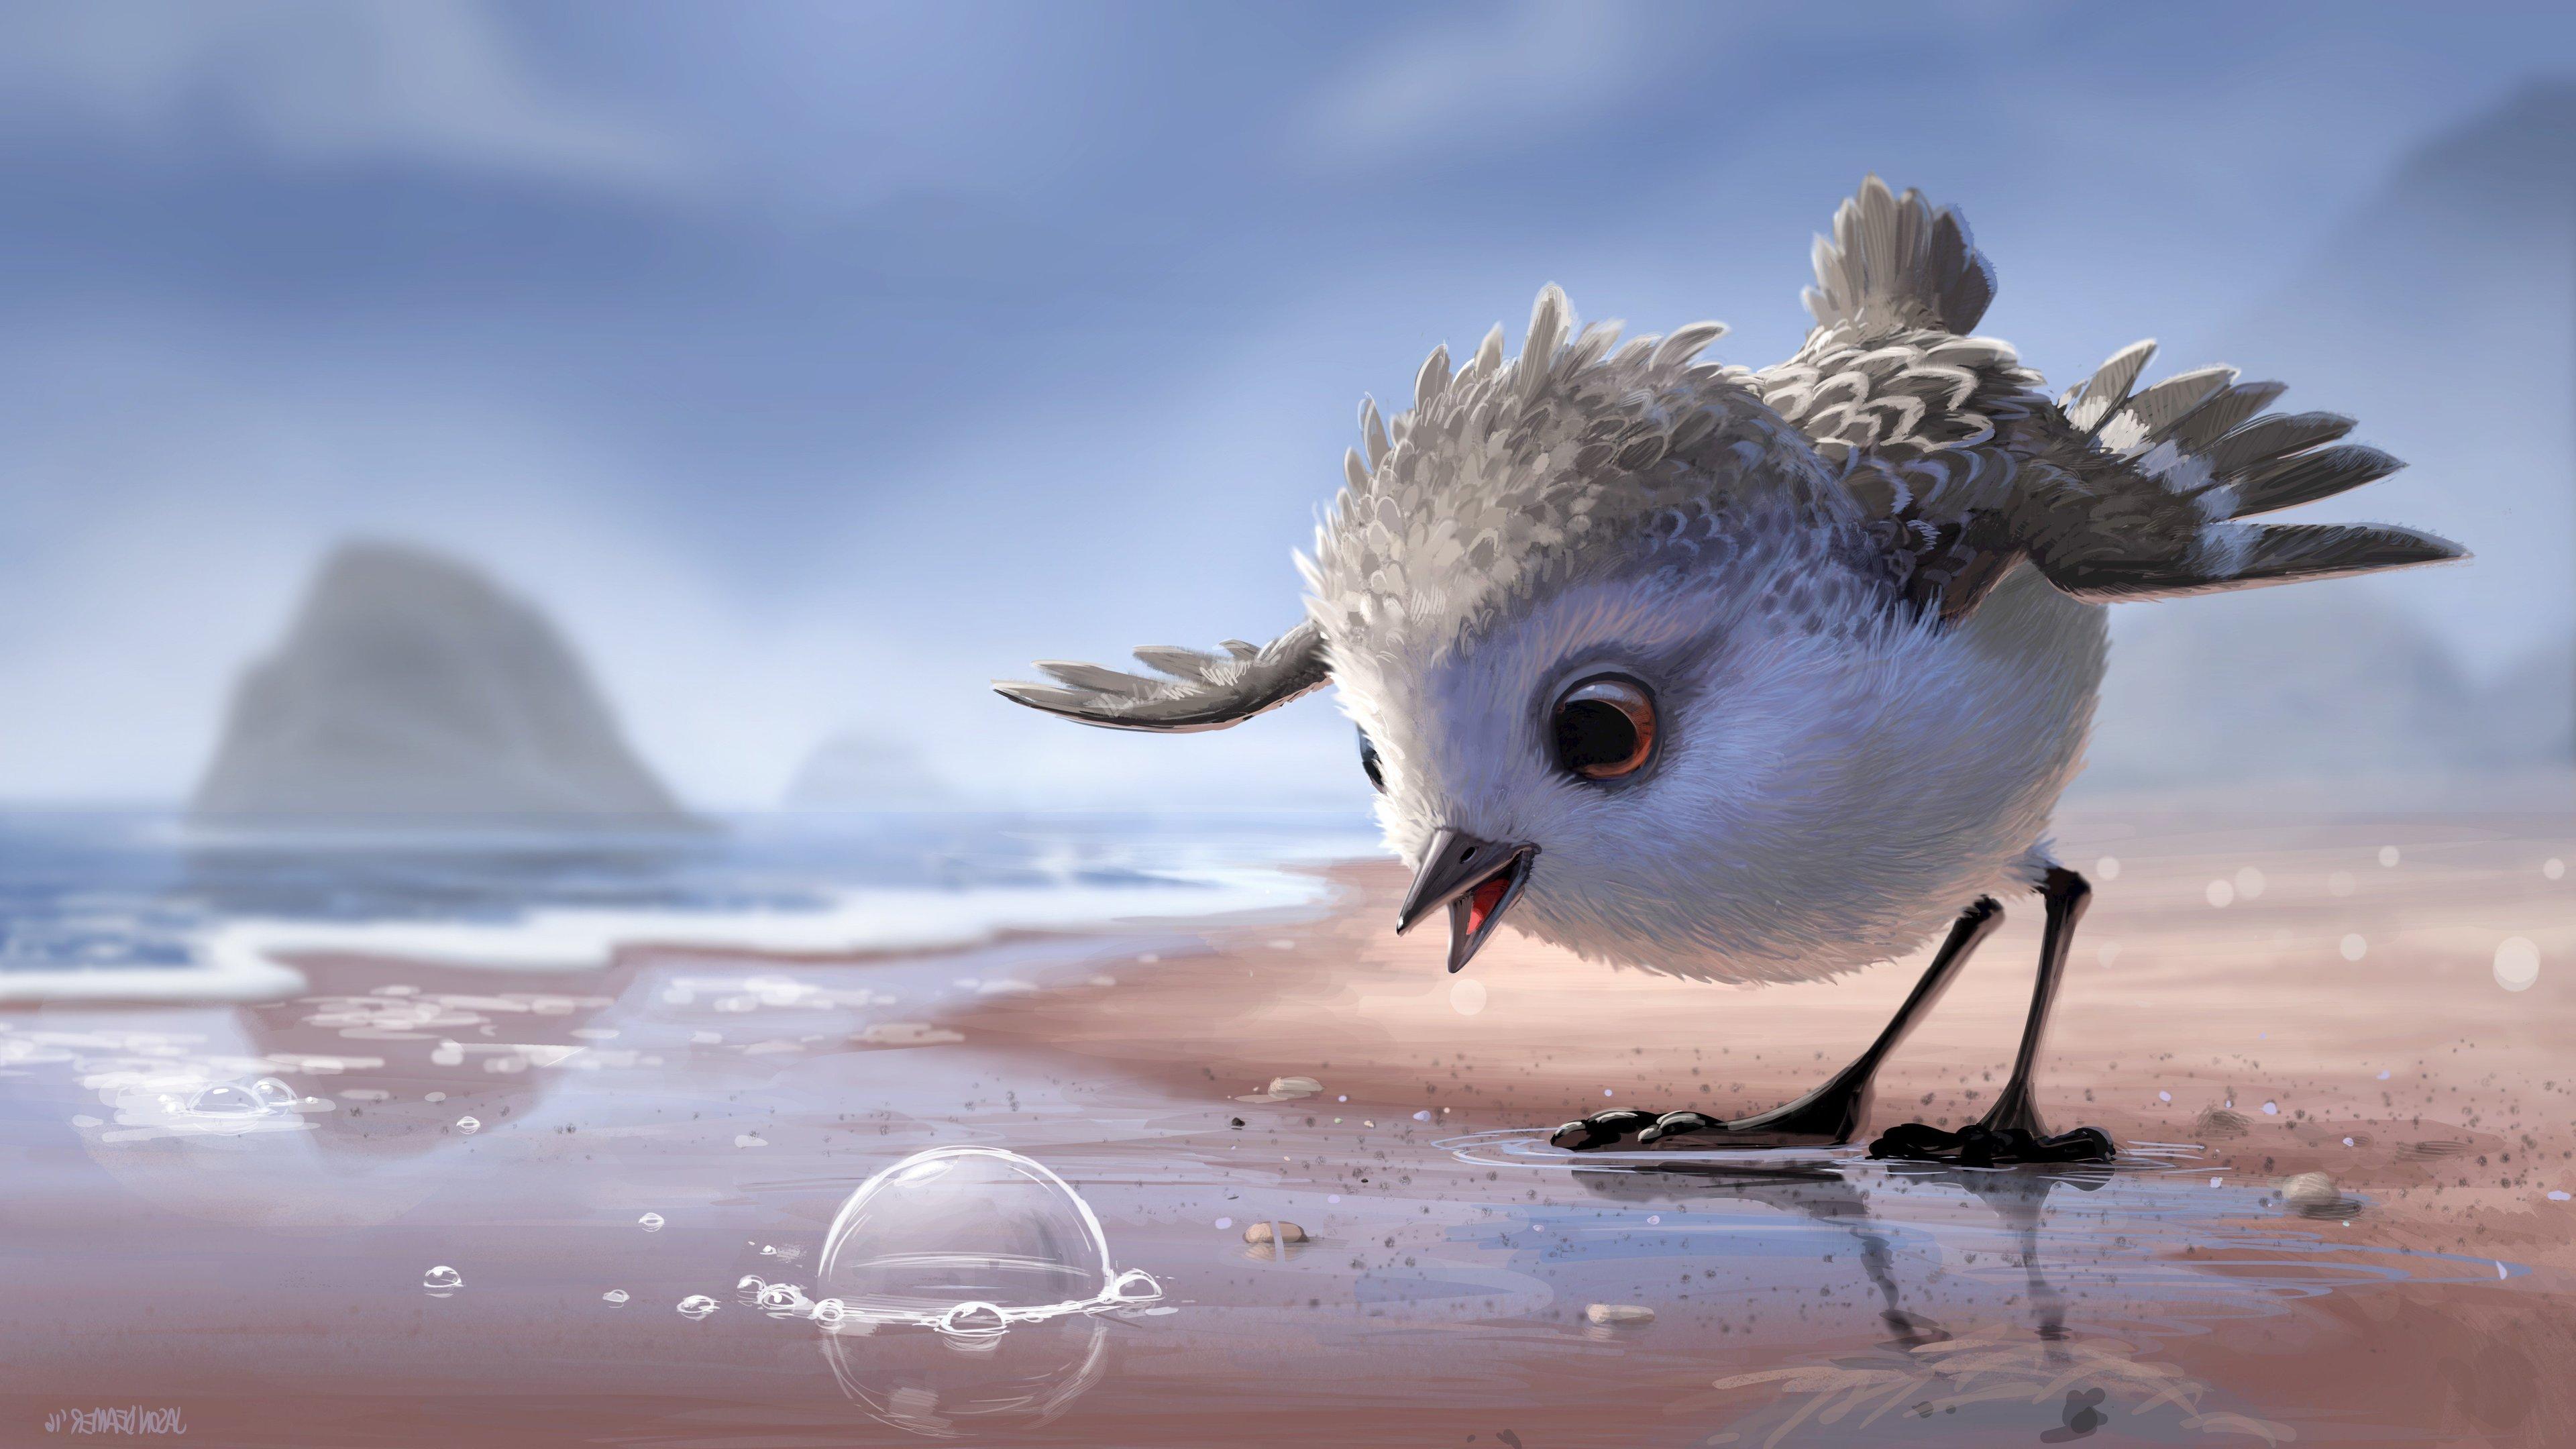 piper pixar animated movie 1536363035 - Piper Pixar Animated Movie - pixar wallpapers, piper wallpapers, movies wallpapers, animated movies wallpapers, 2016 movies wallpapers